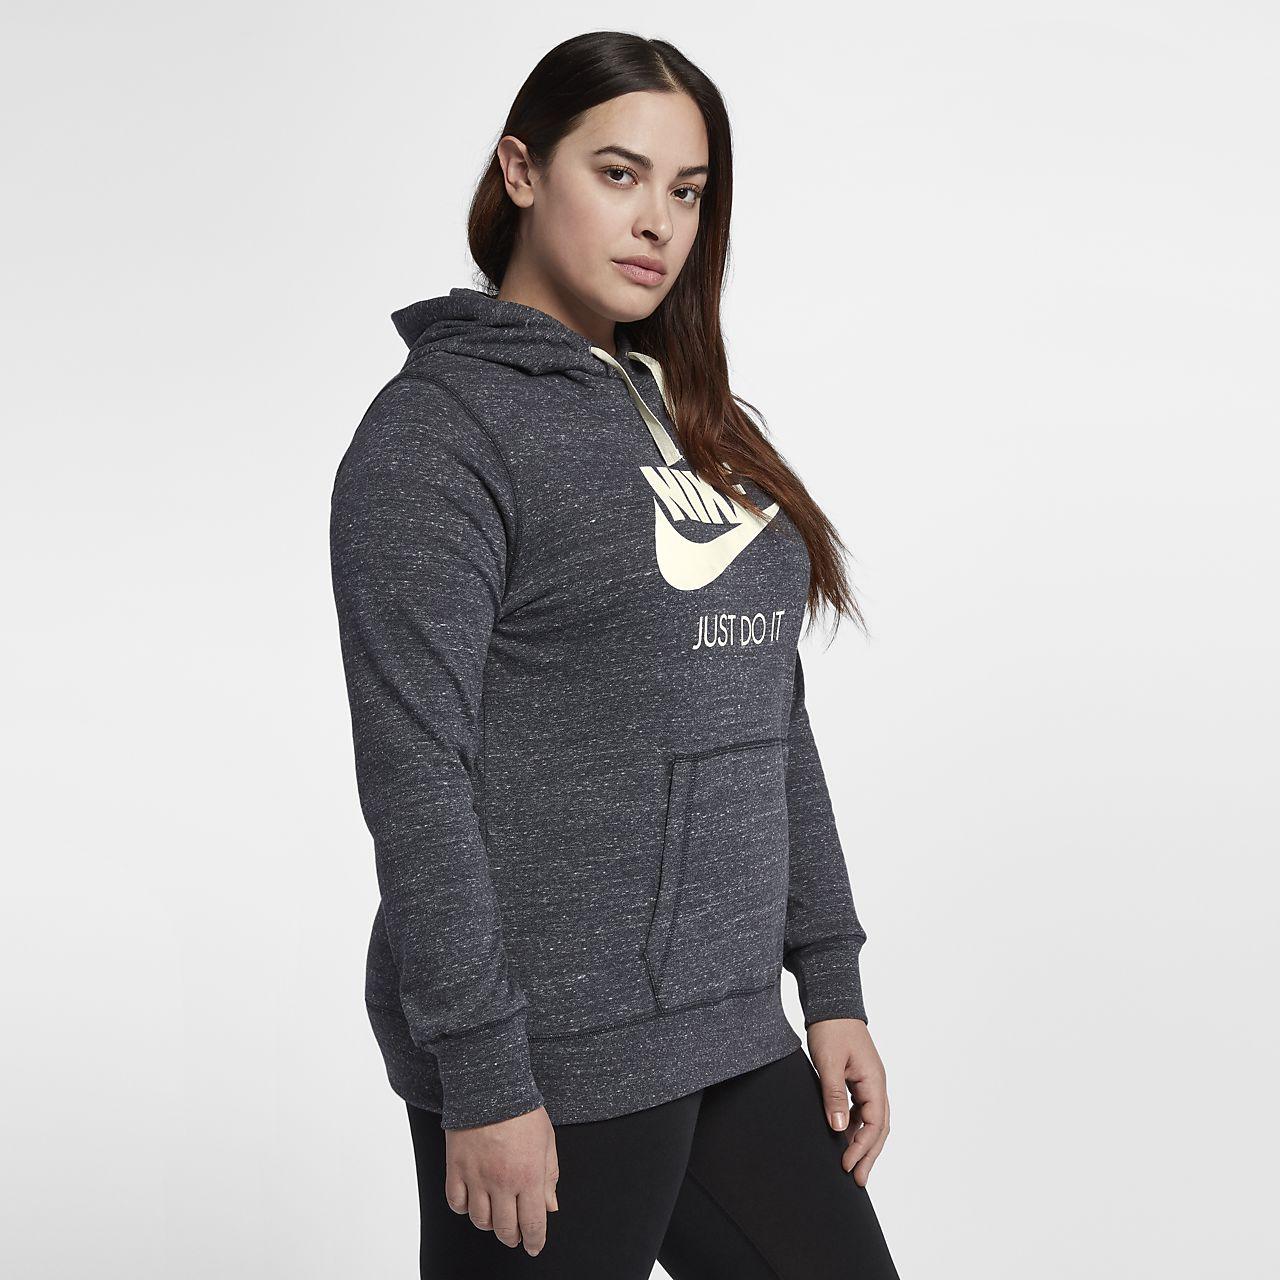 Nike Sportswear Gym Vintage Kadın Kapüşonlu Üst (Büyük Beden)